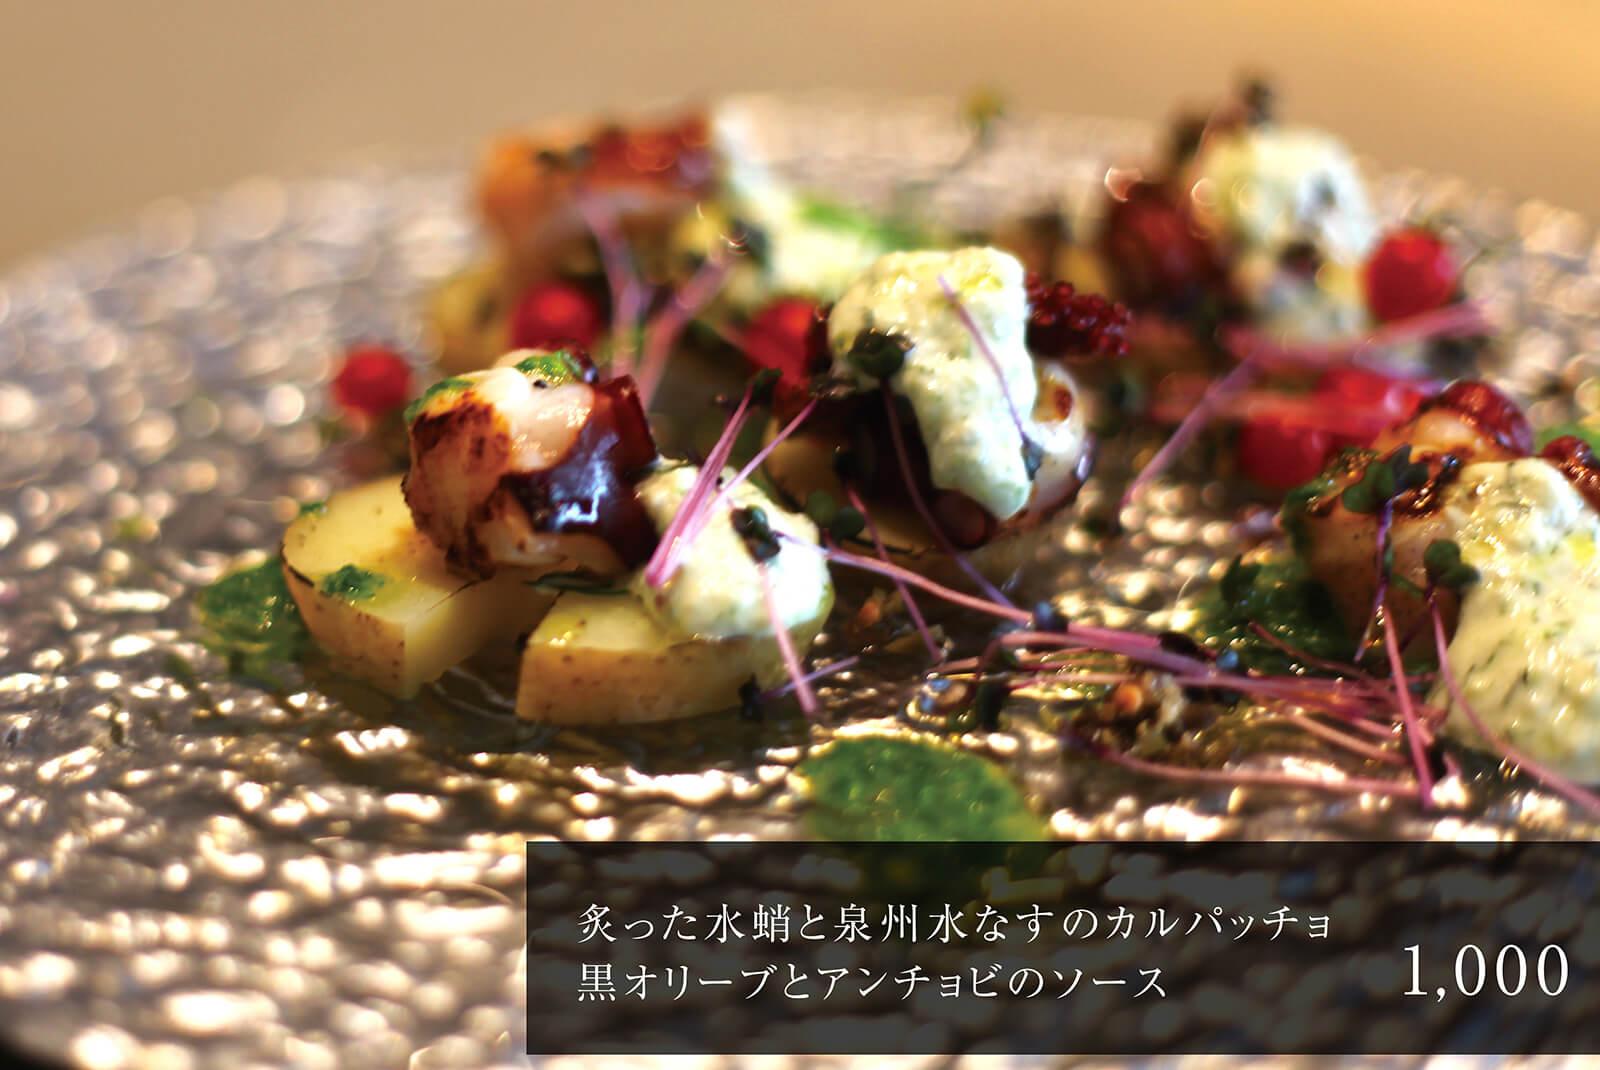 炙った水蛸と泉州水ナスのカルパッチョ 黒オリーブとアンチョビのソース